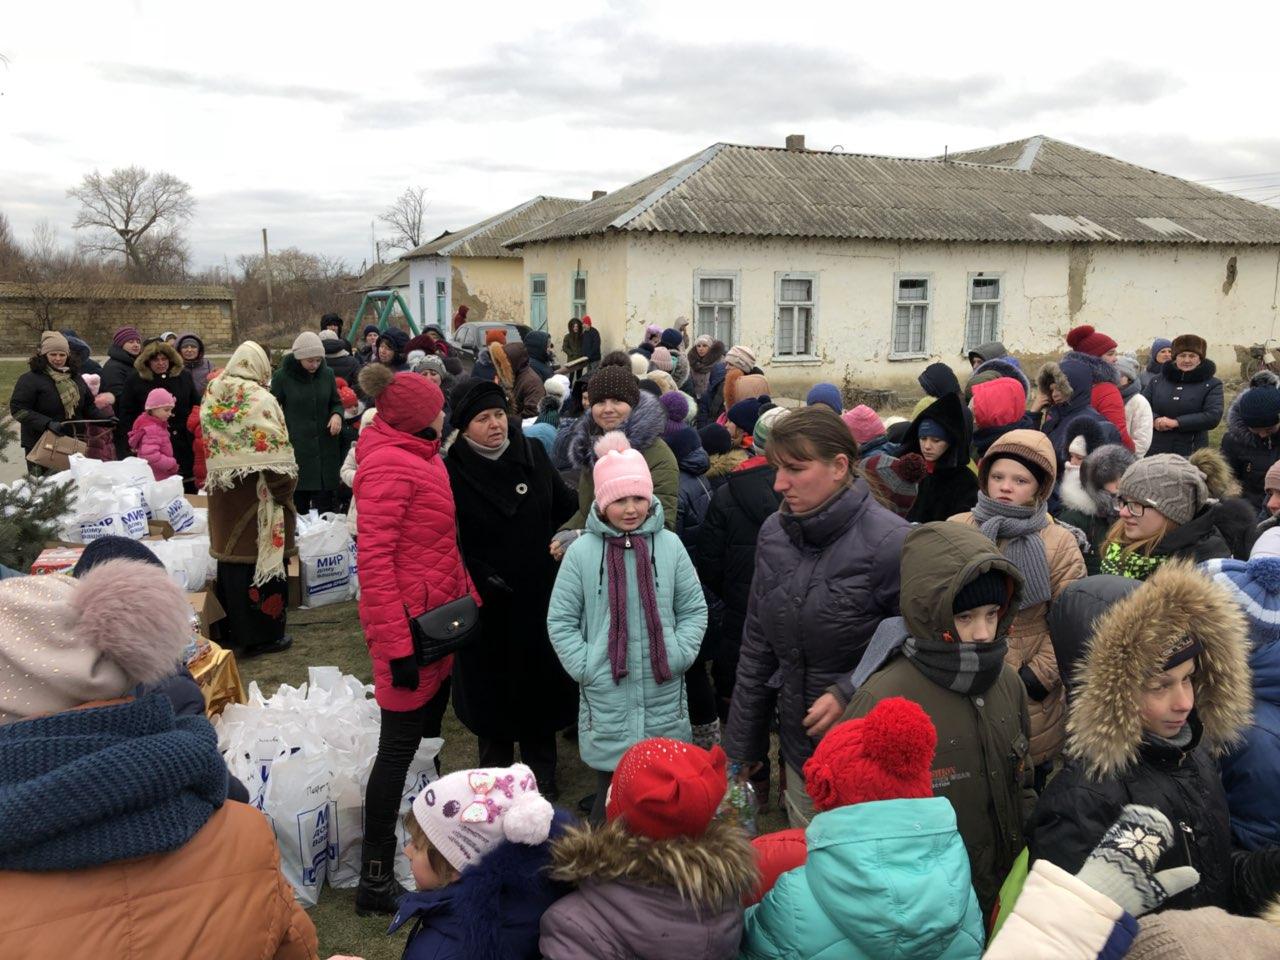 В селе Килийской ОТГ у нововысаженной главной елки прошел грандиозный благотворительный новогодний праздник для детей